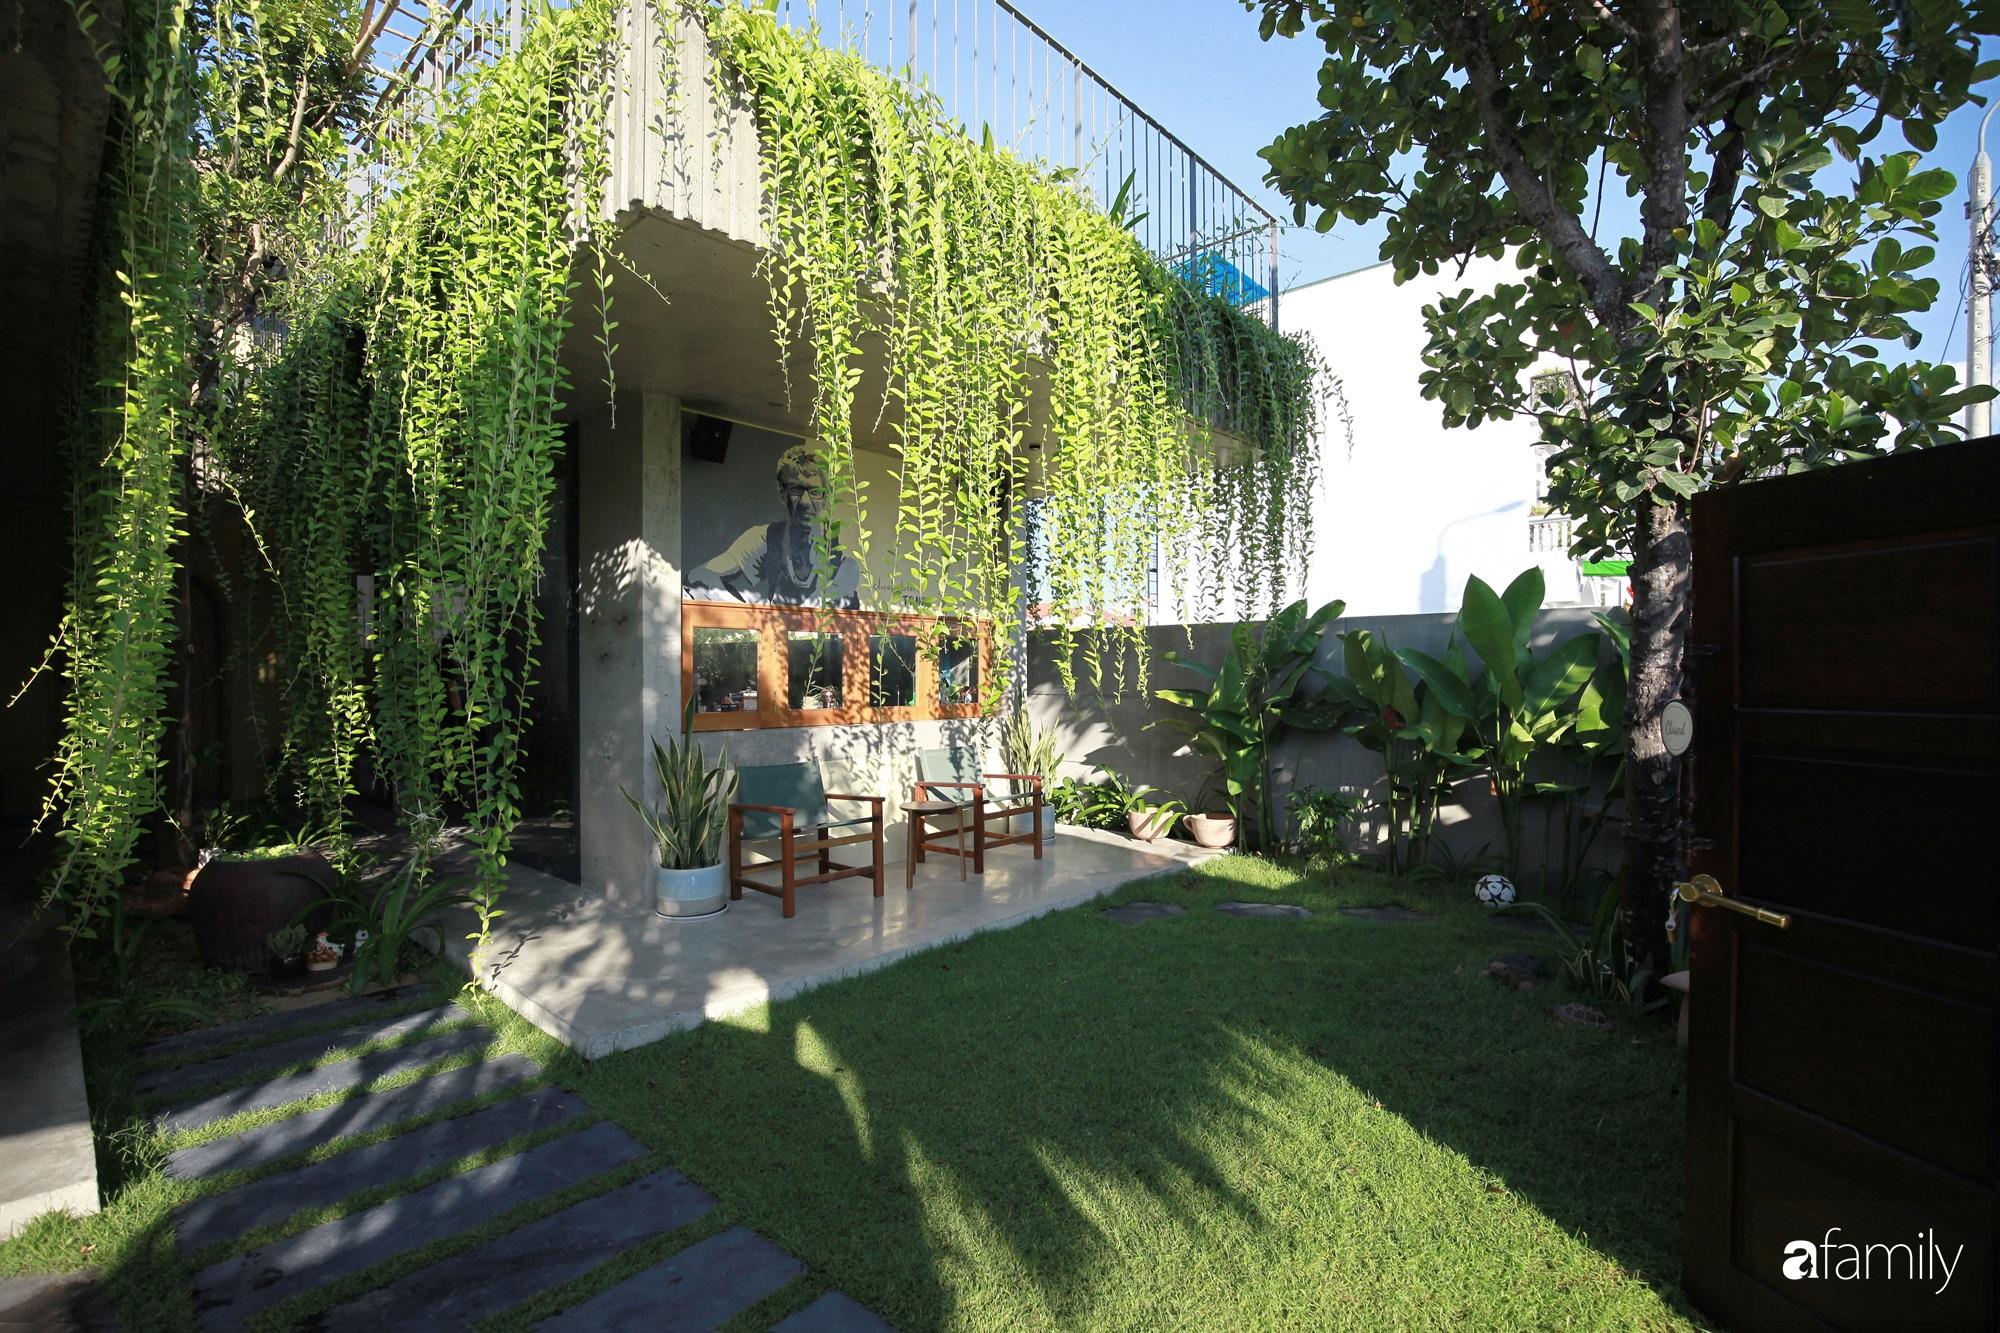 Nhà vườn mái tranh rộng 200m² với đủ tiện nghi hiện đại nổi bật giữa phố thị Hội An có chi phí xây dựng 2,1 tỷ đồng - Ảnh 23.